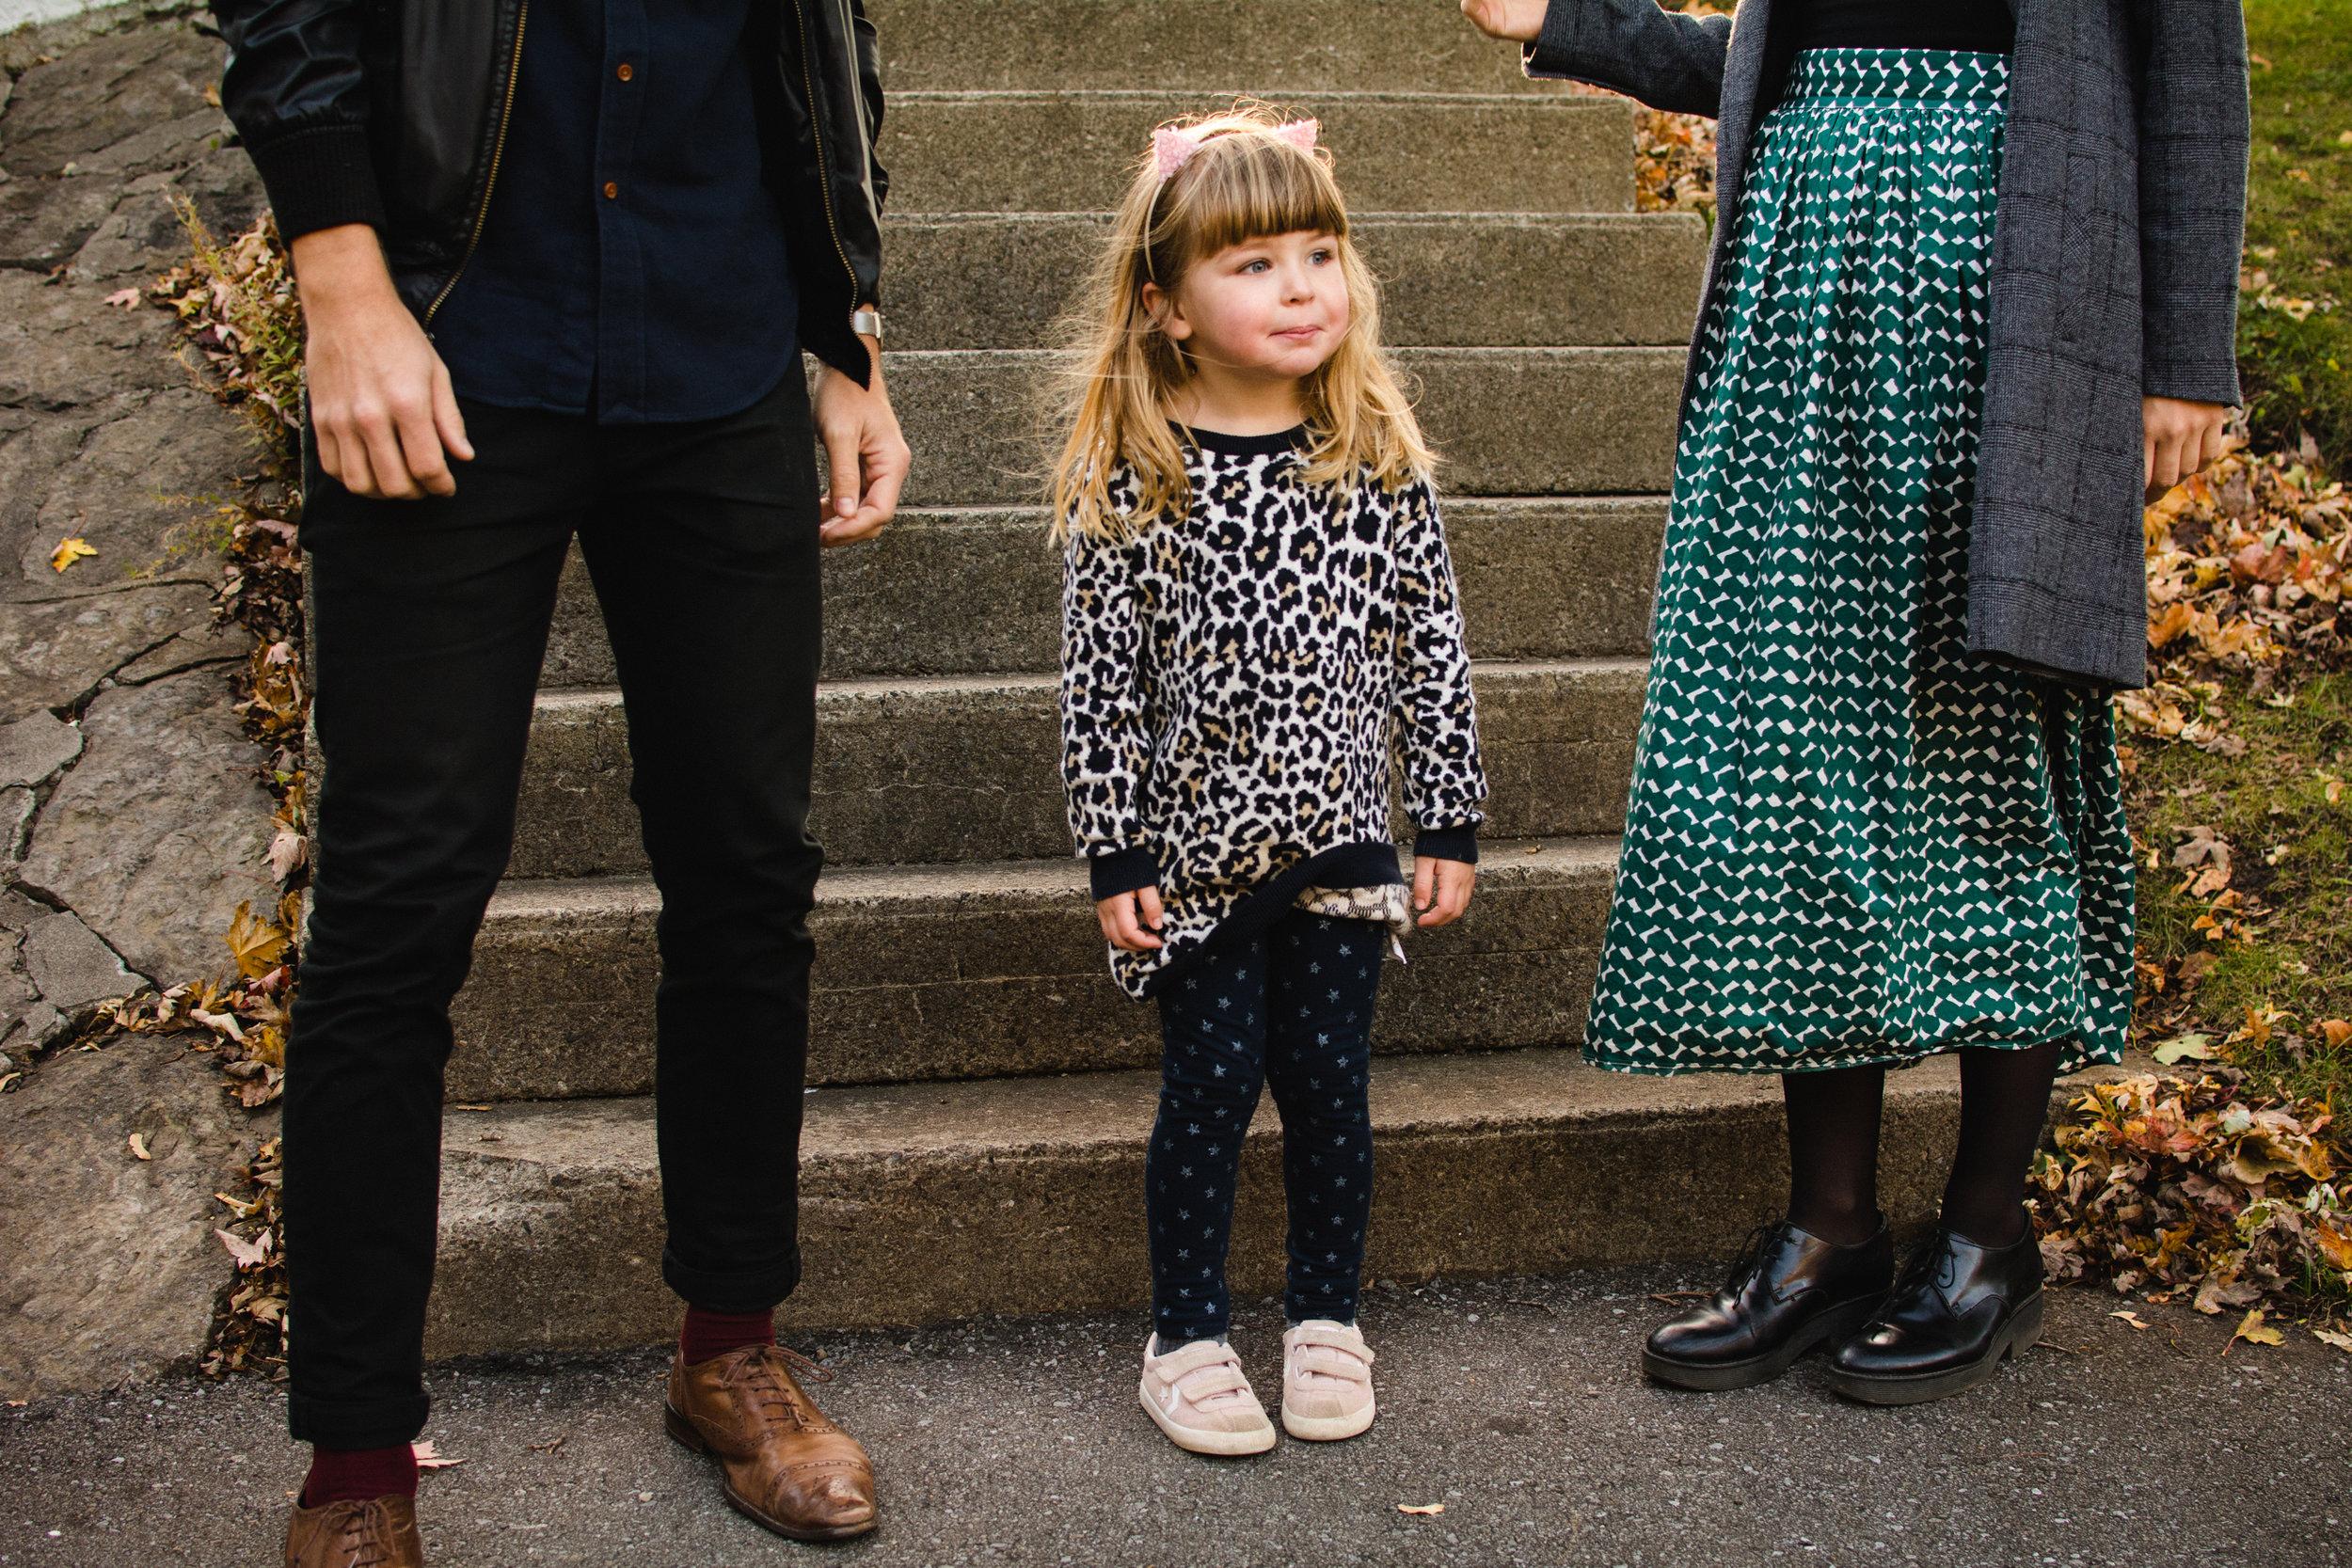 photo-d-une-fillette-espiegle-debout-entre-ses-parents-pere-photographe-lifestyle-famille-et-nouveau-ne-a-montreal-marianne-charland-024.jpg